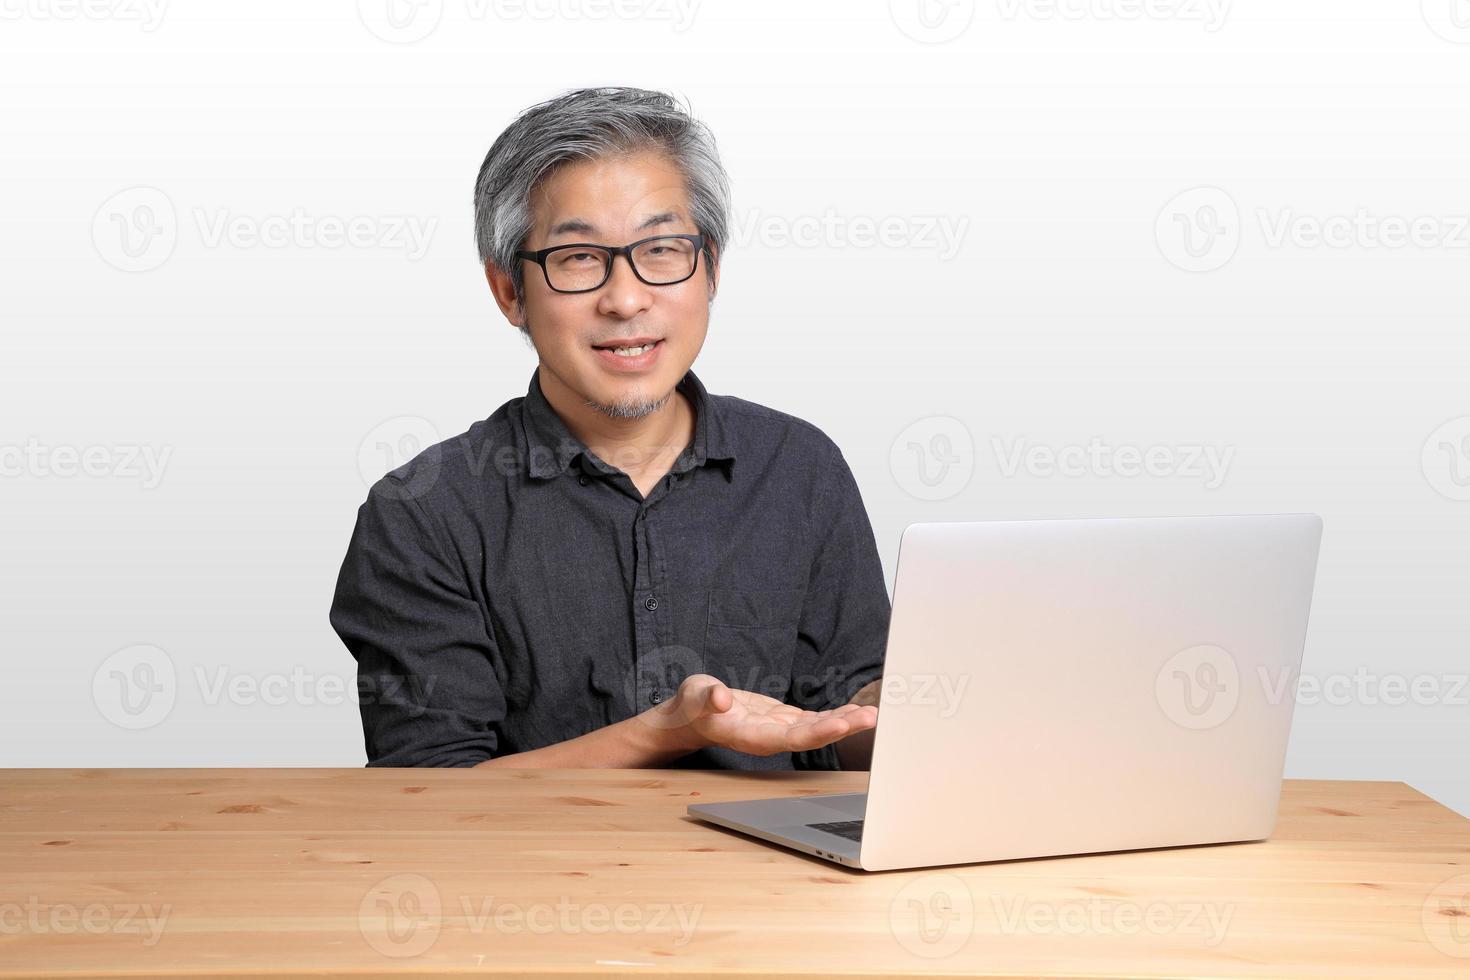 homme asiatique qui travaille photo